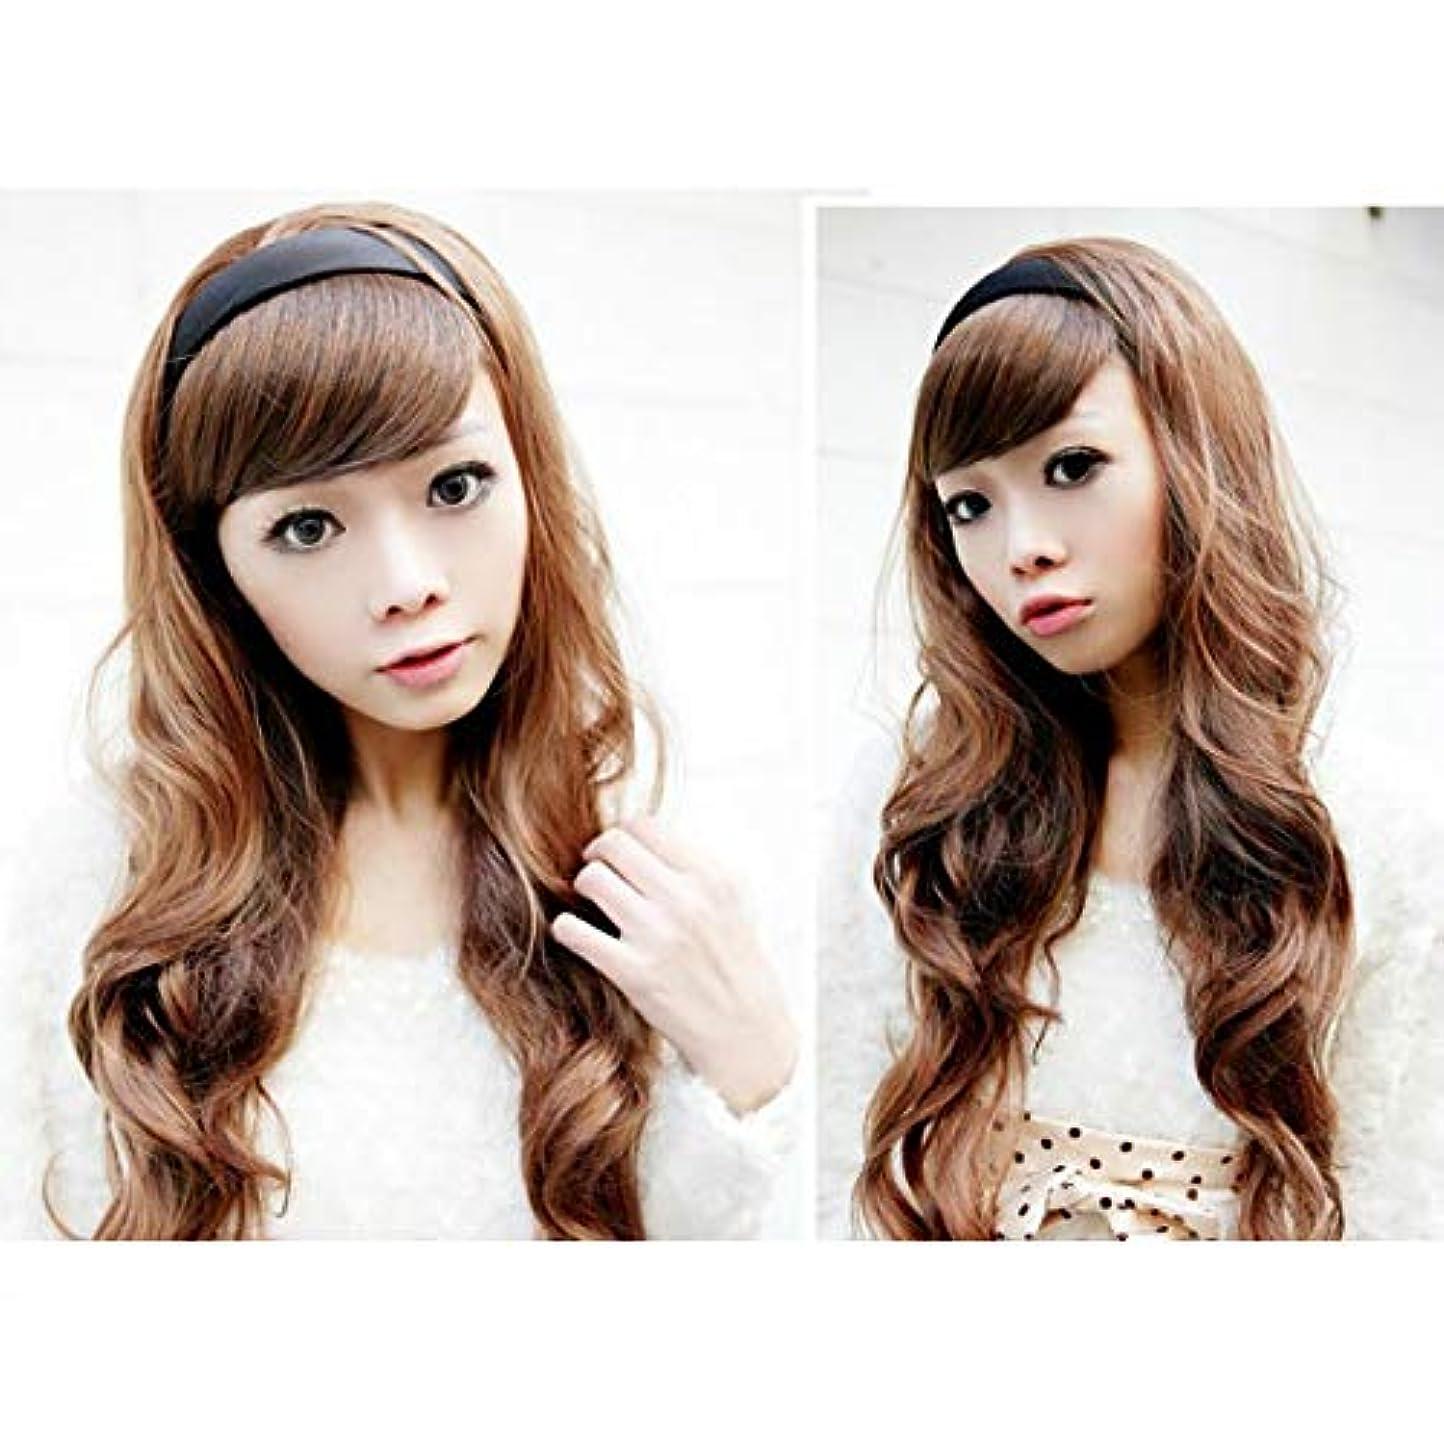 ラックテメリティ不一致YZUEYT 女性の毛のウィッグは、黒いフープのヘッドブランドと長い波状 YZUEYT (Color : Color Dark Brown, Size : One size)